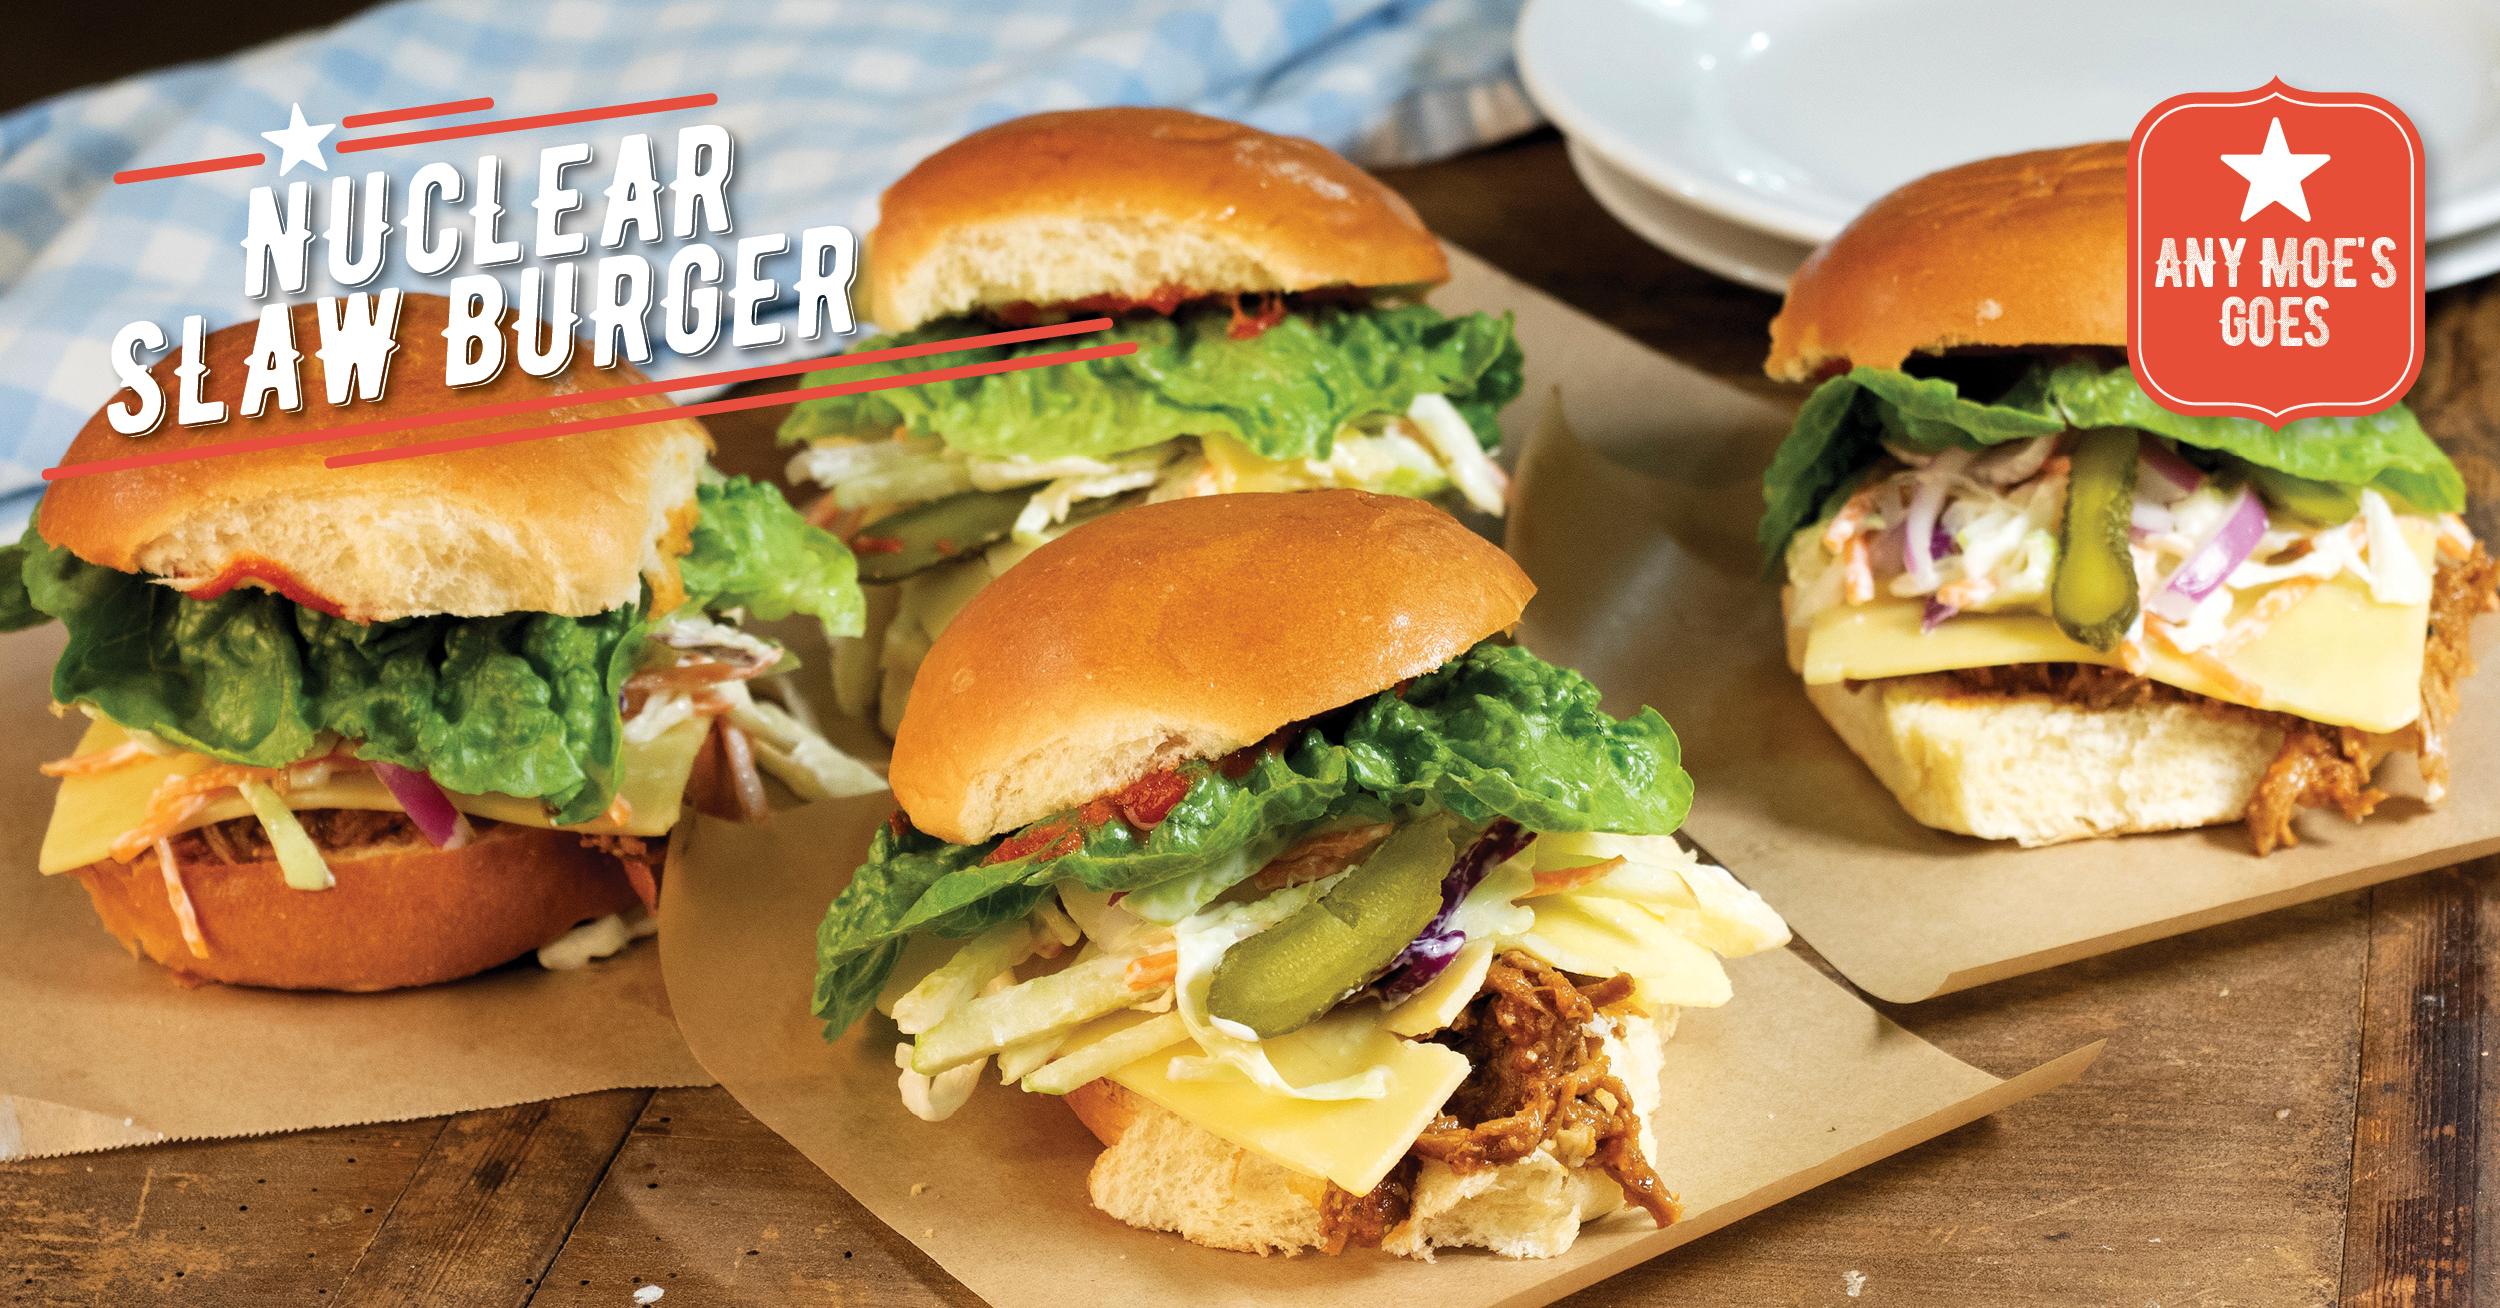 Nuclear Slaw Burger